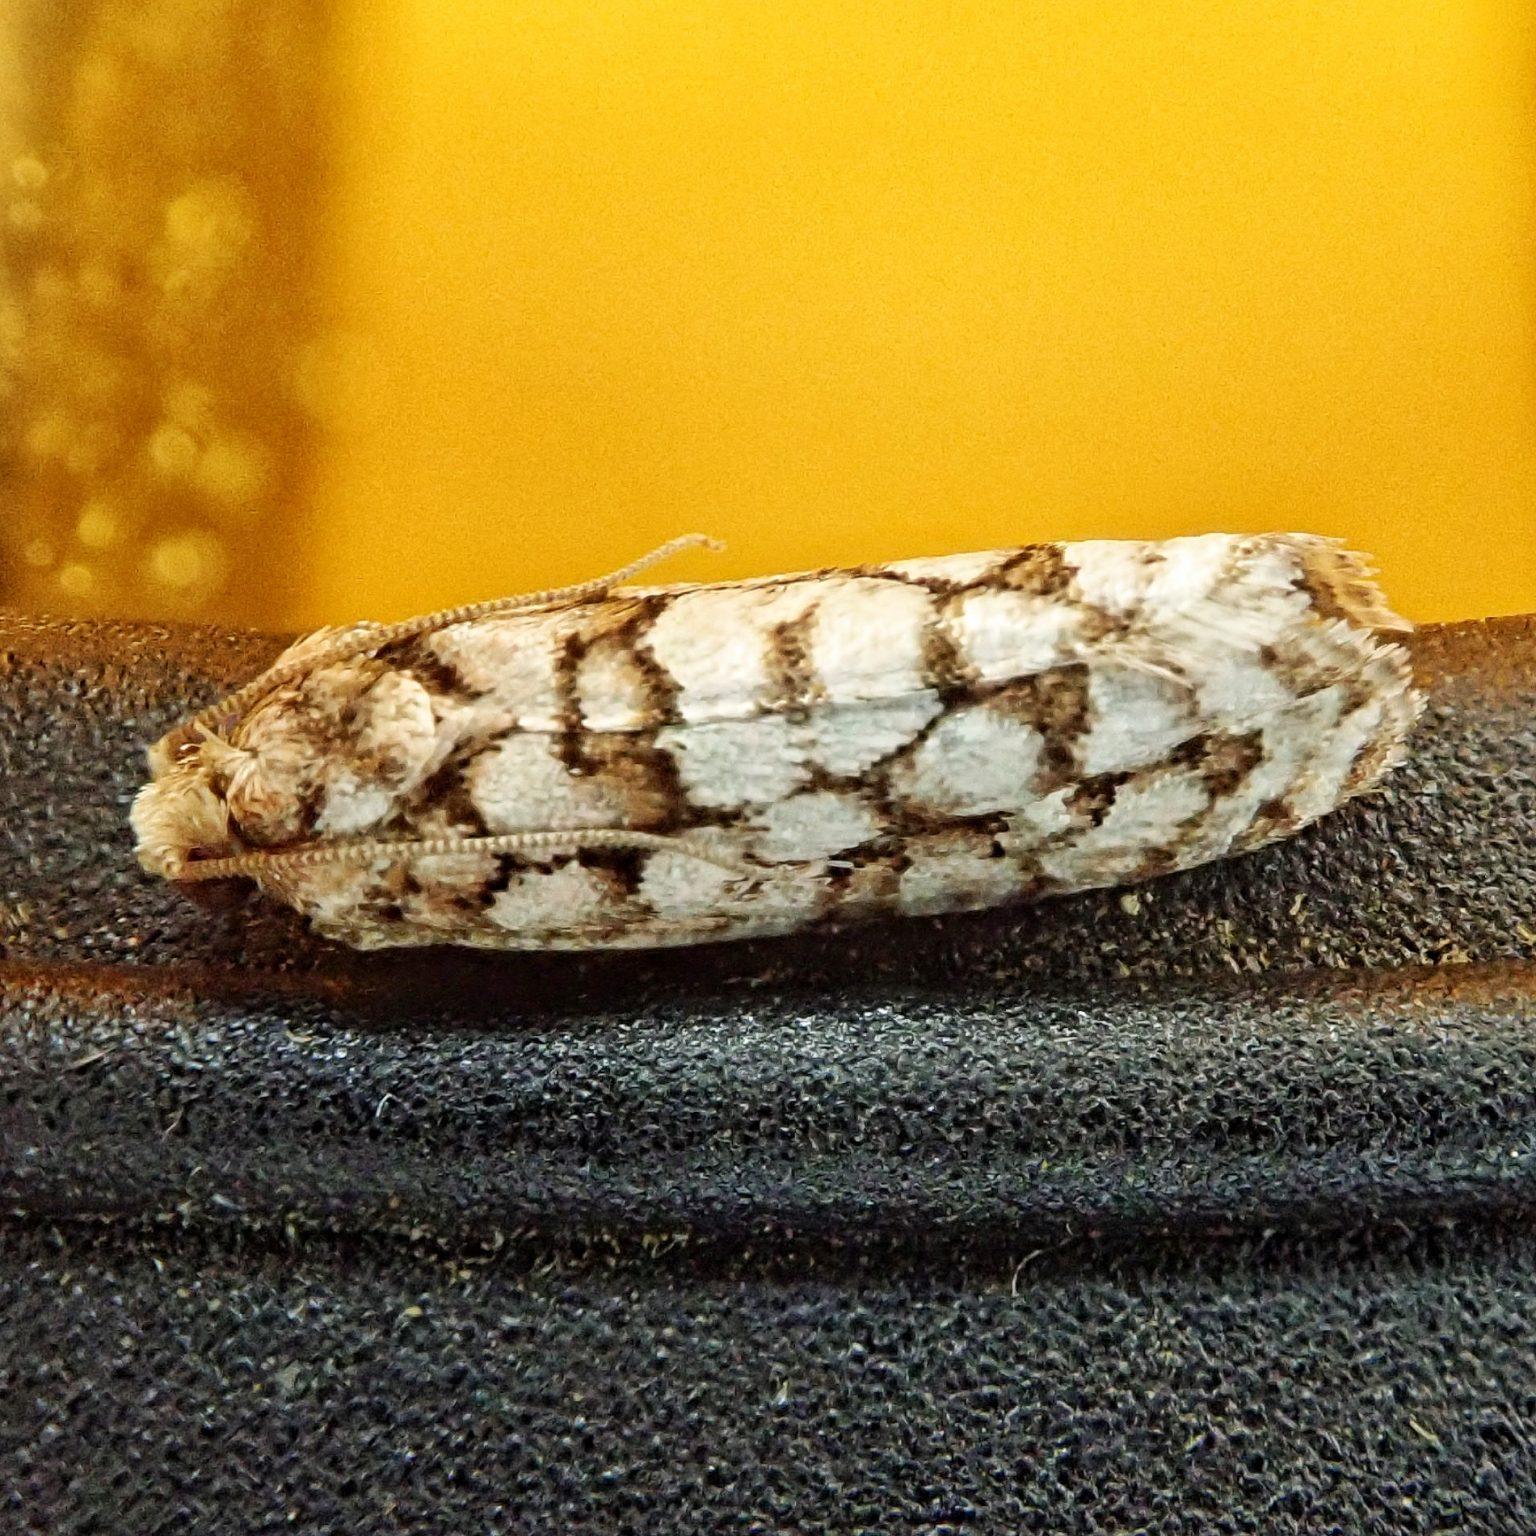 Eucopina siskiyouana